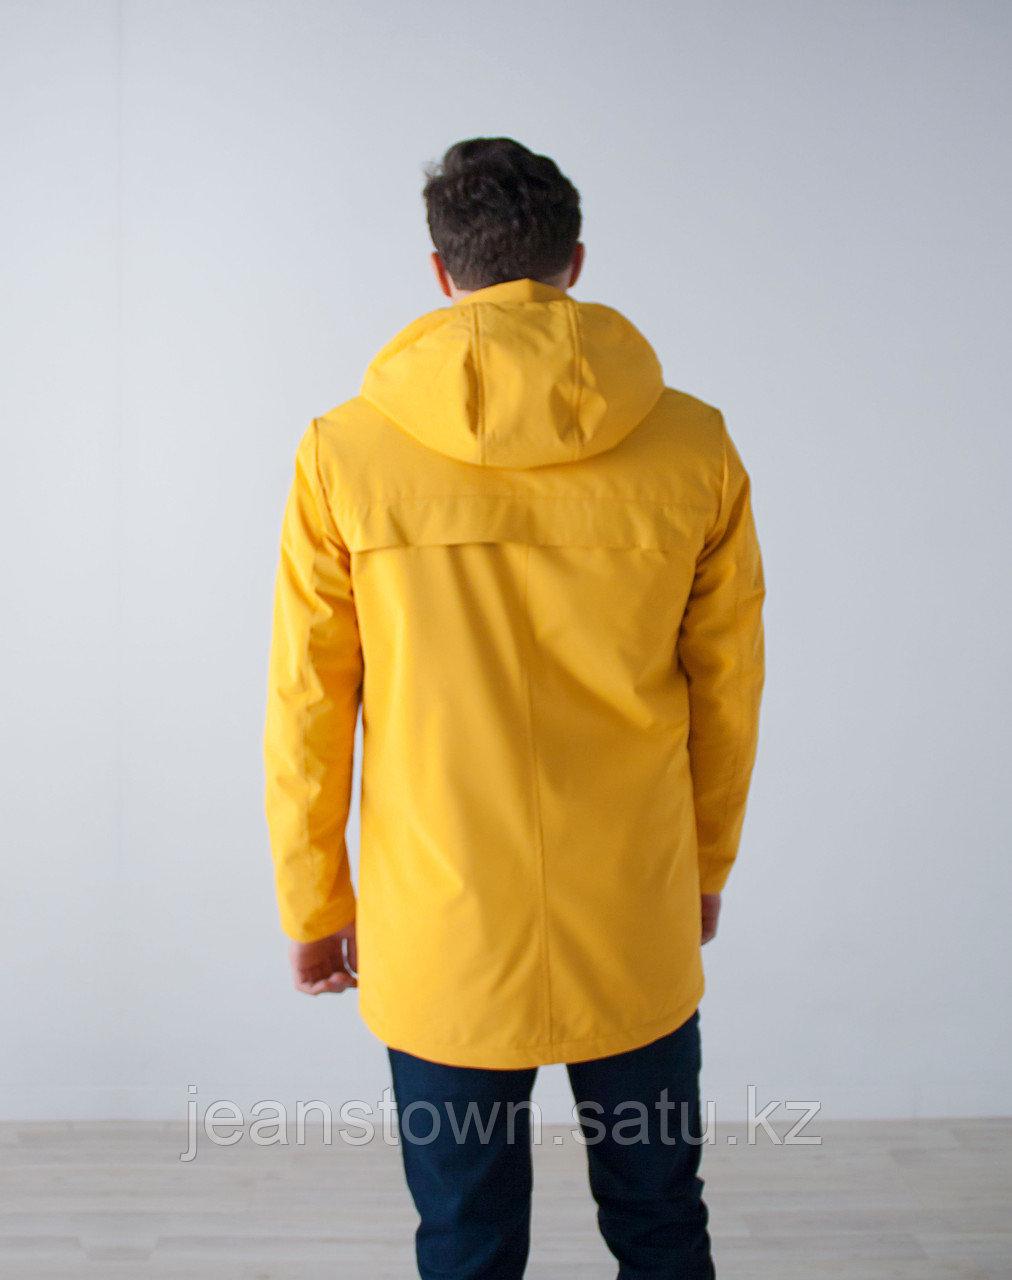 Куртка мужская демисезонная Vivacana желтая - фото 5